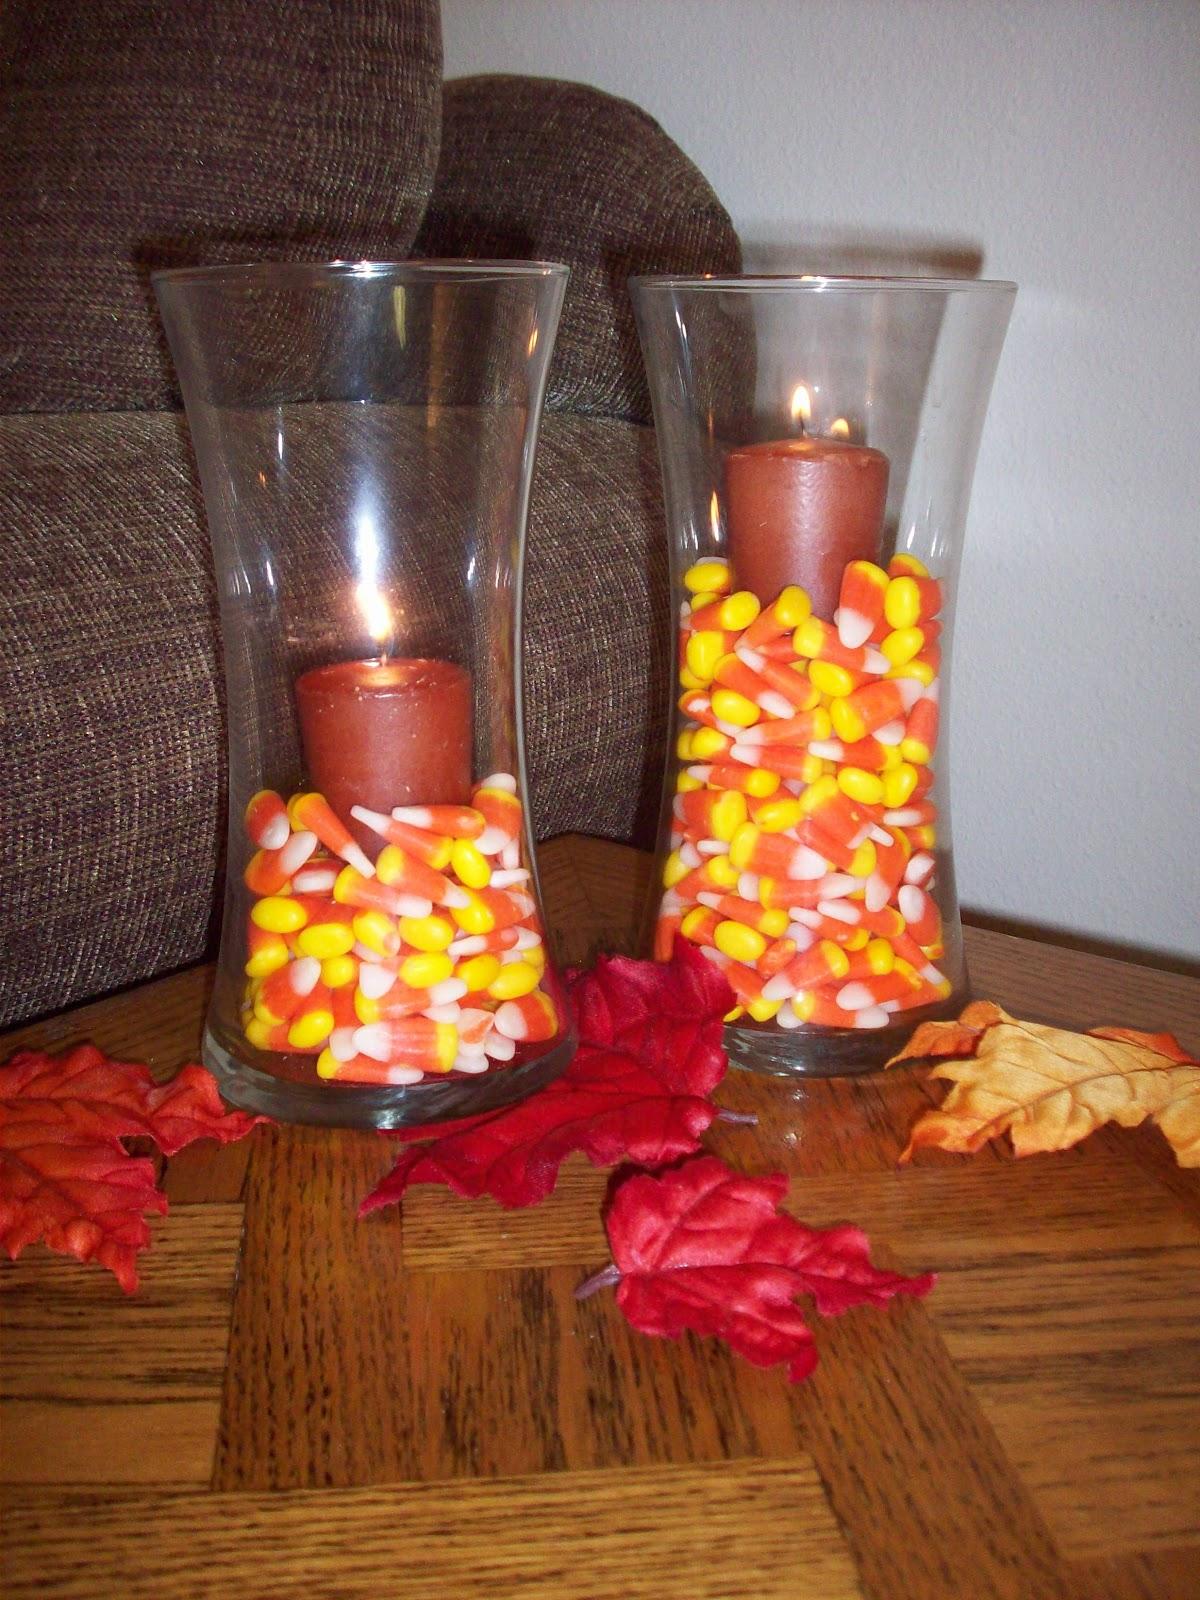 Pumpkin decoration coffee table centerpiece